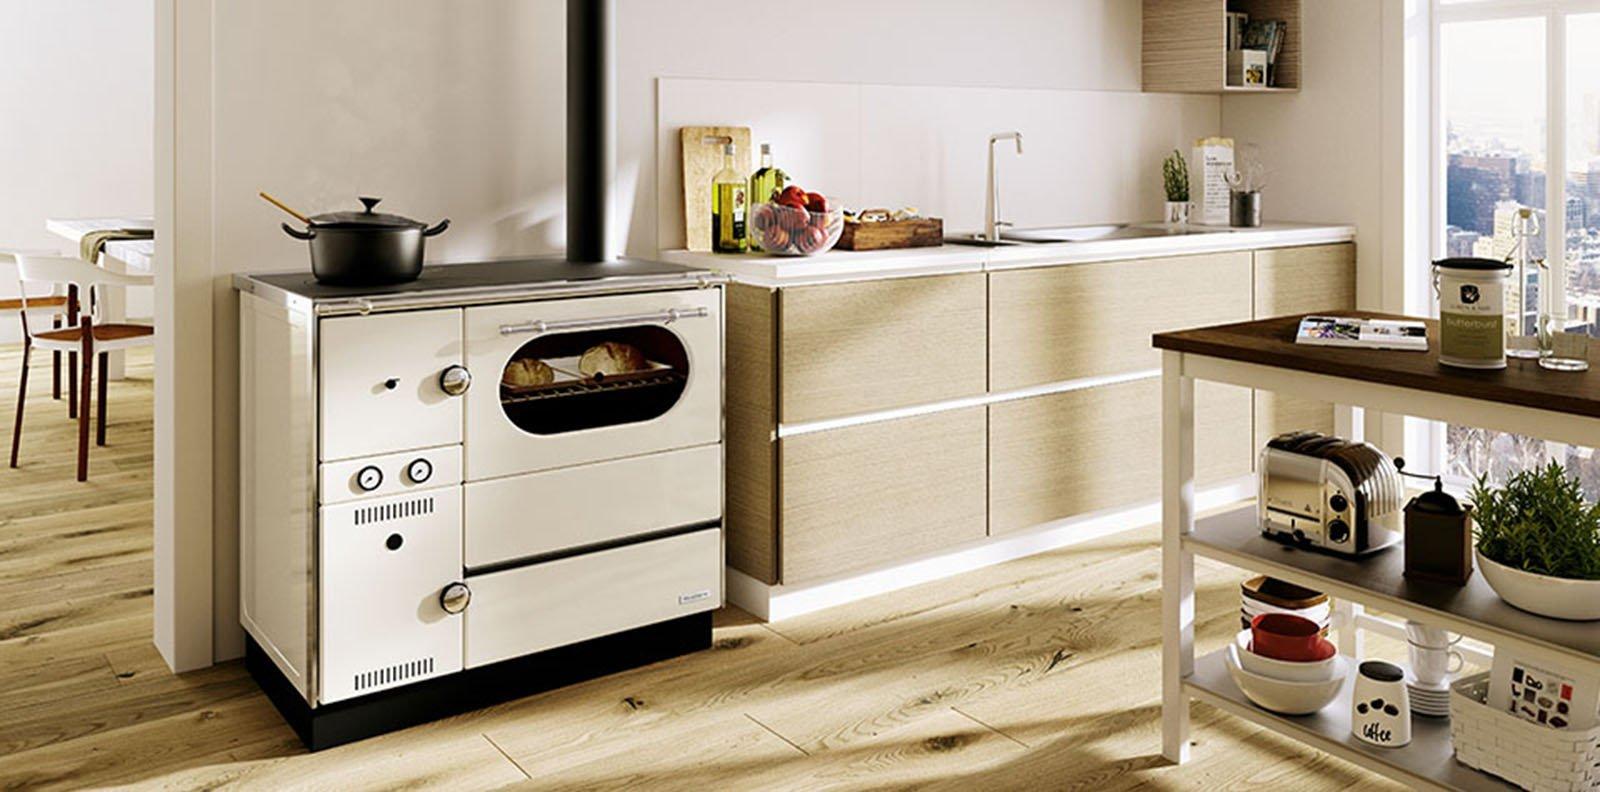 la cucina di una volta: per cuocere e riscaldare come con i ... - Cucina Con Forno A Legna